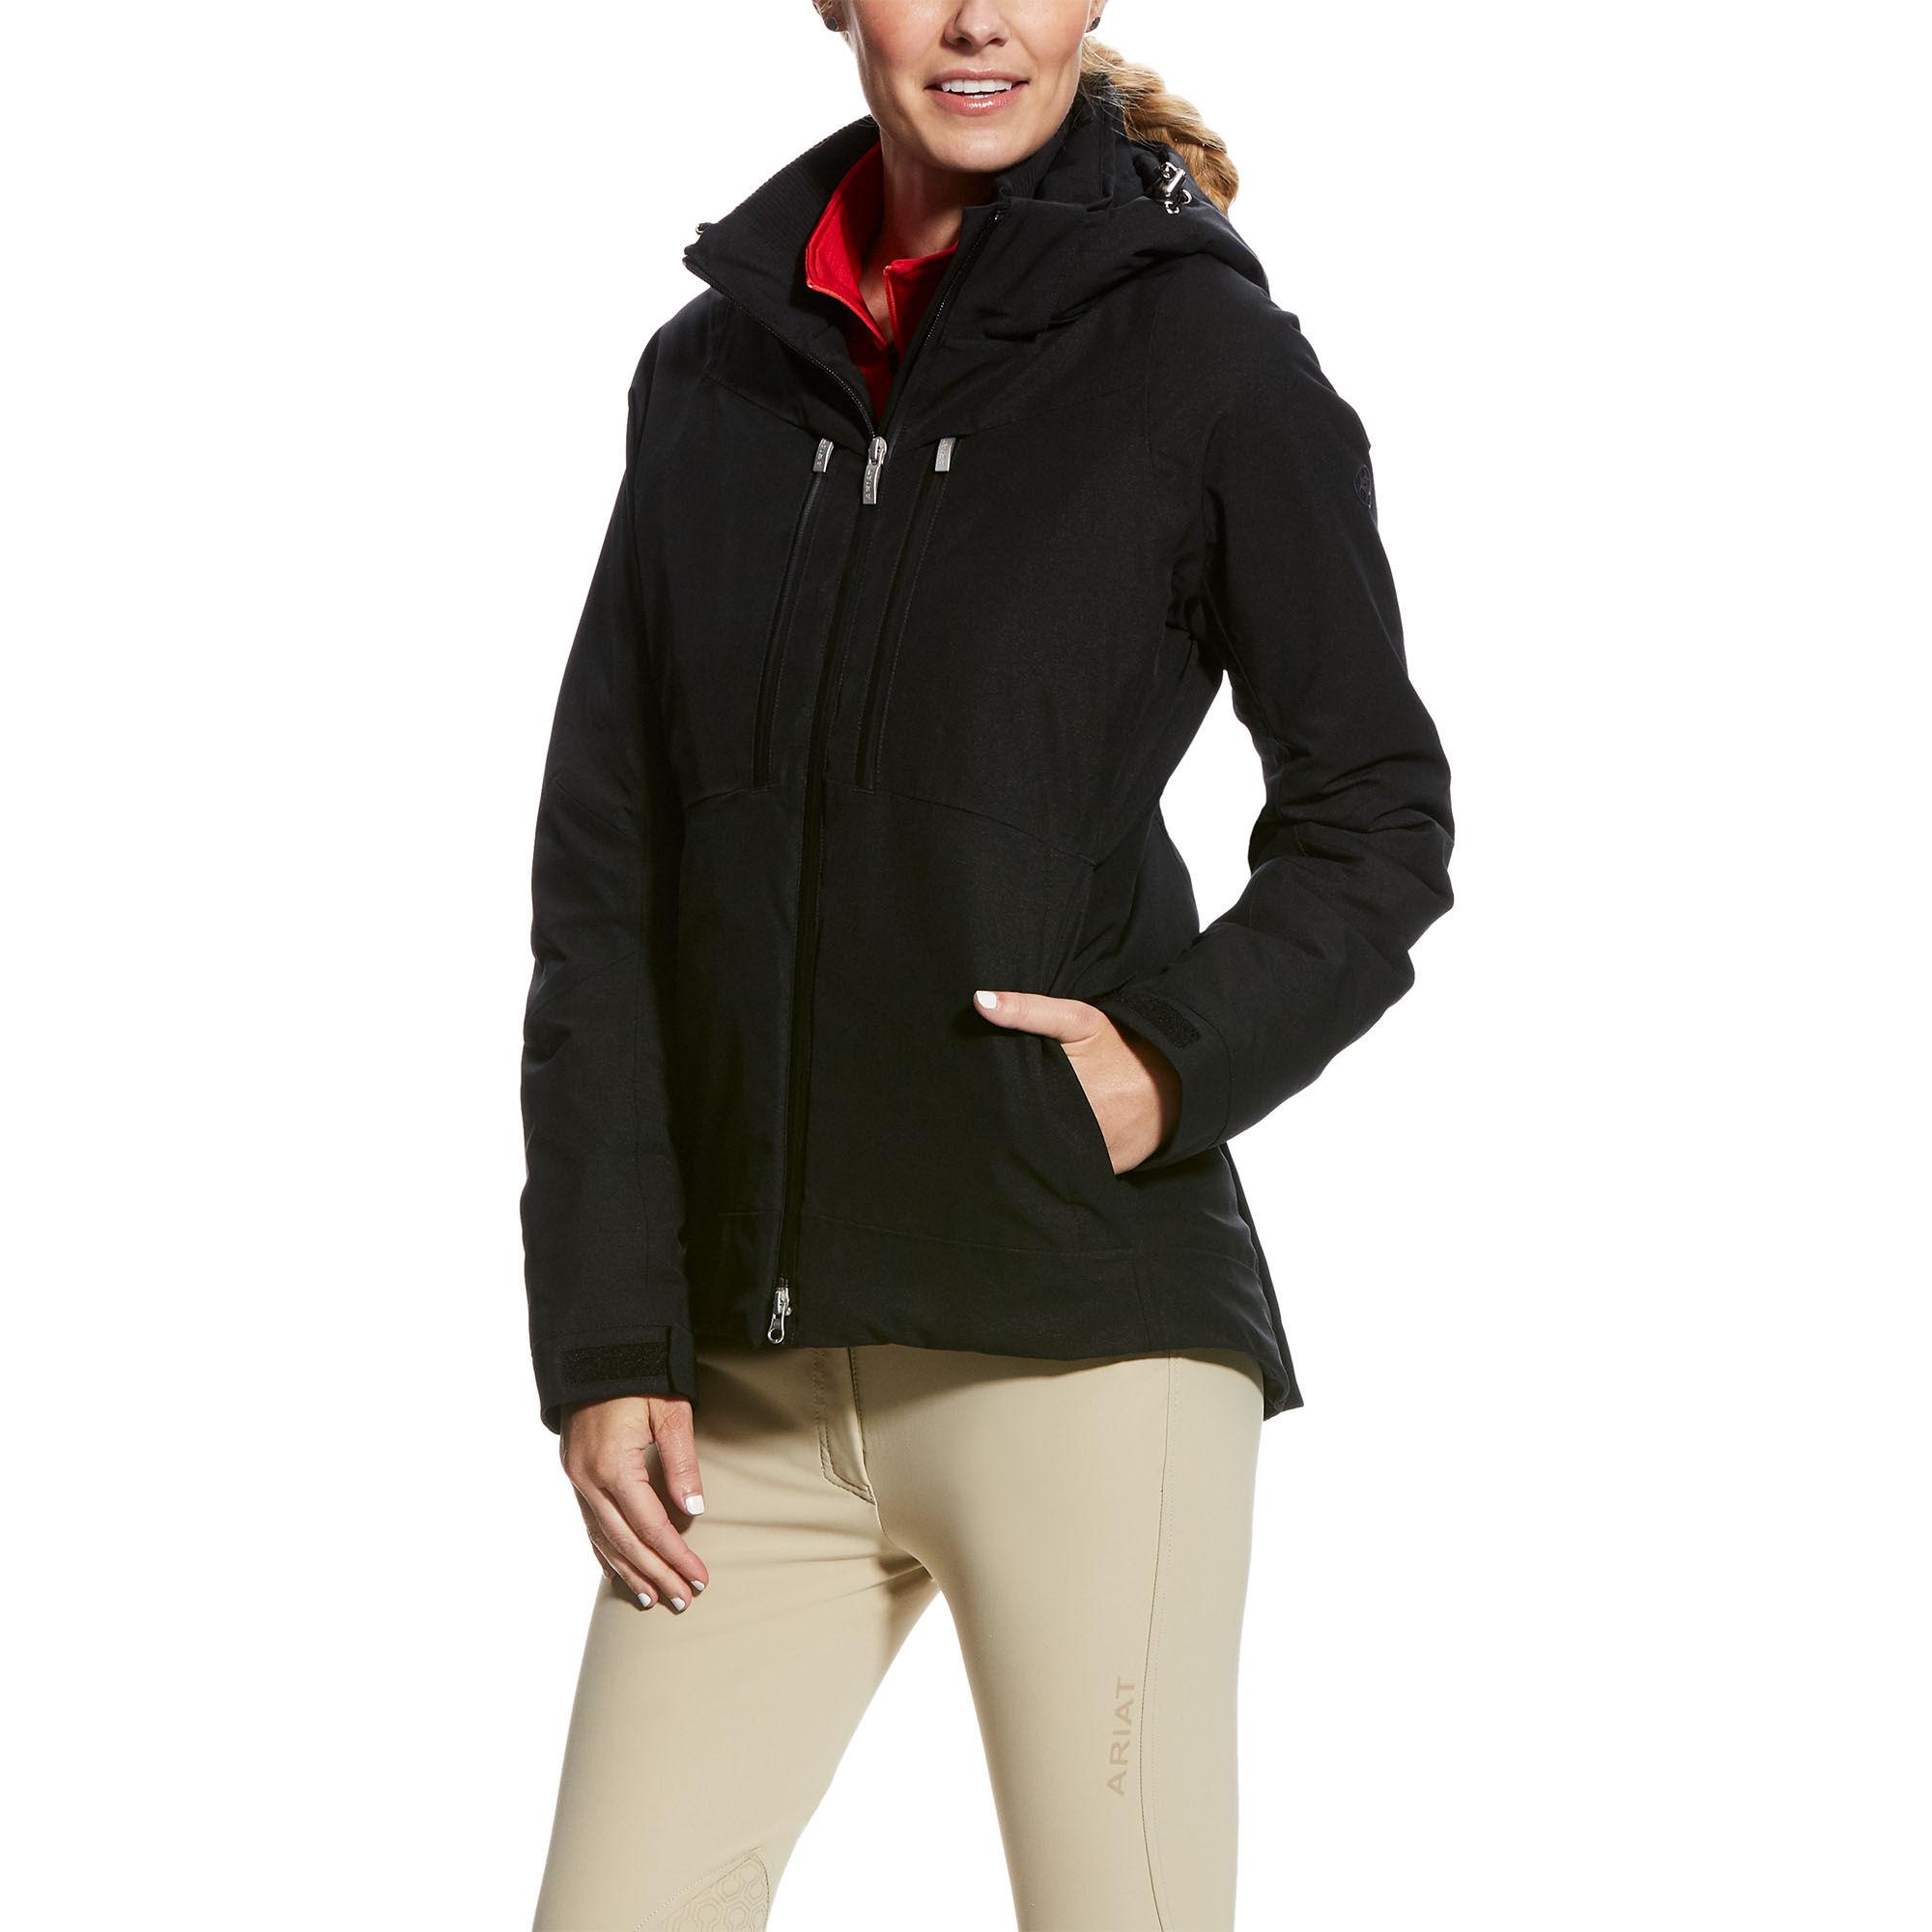 Veracity Waterproof Jacket